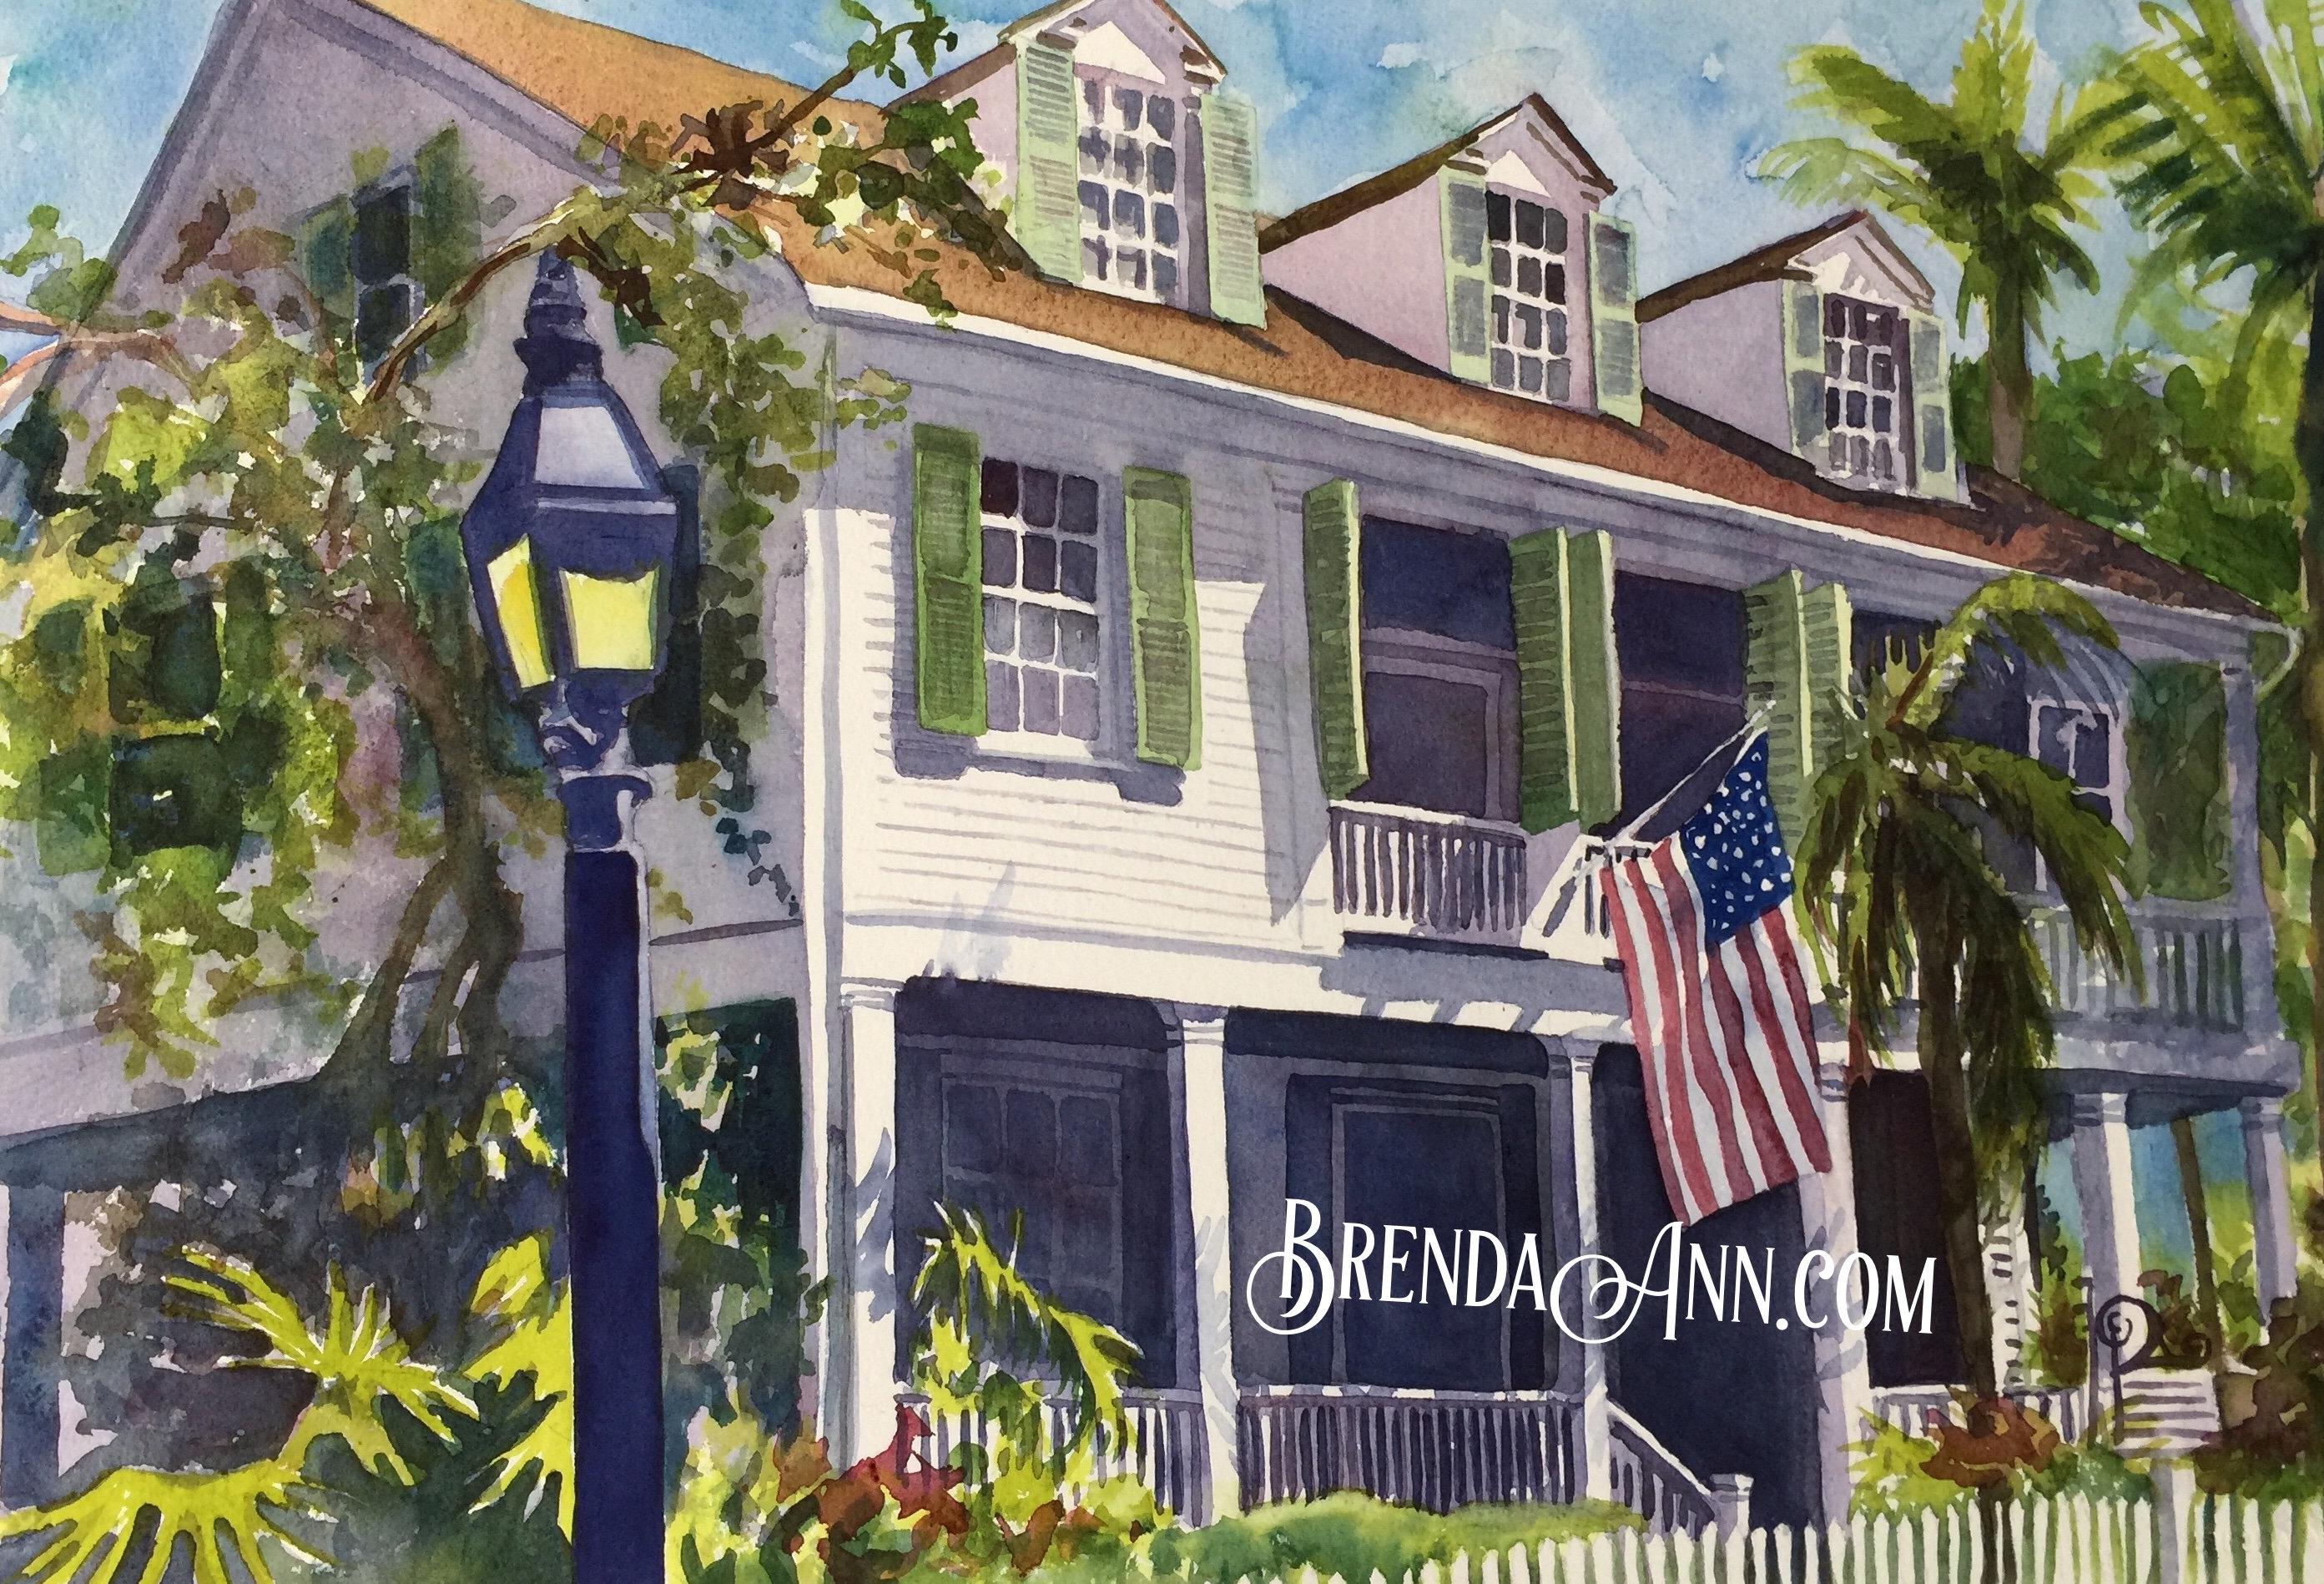 Key West Calendar 2019 2019 Key West Watercolor Wall Calendar by Brenda Ann   Custom